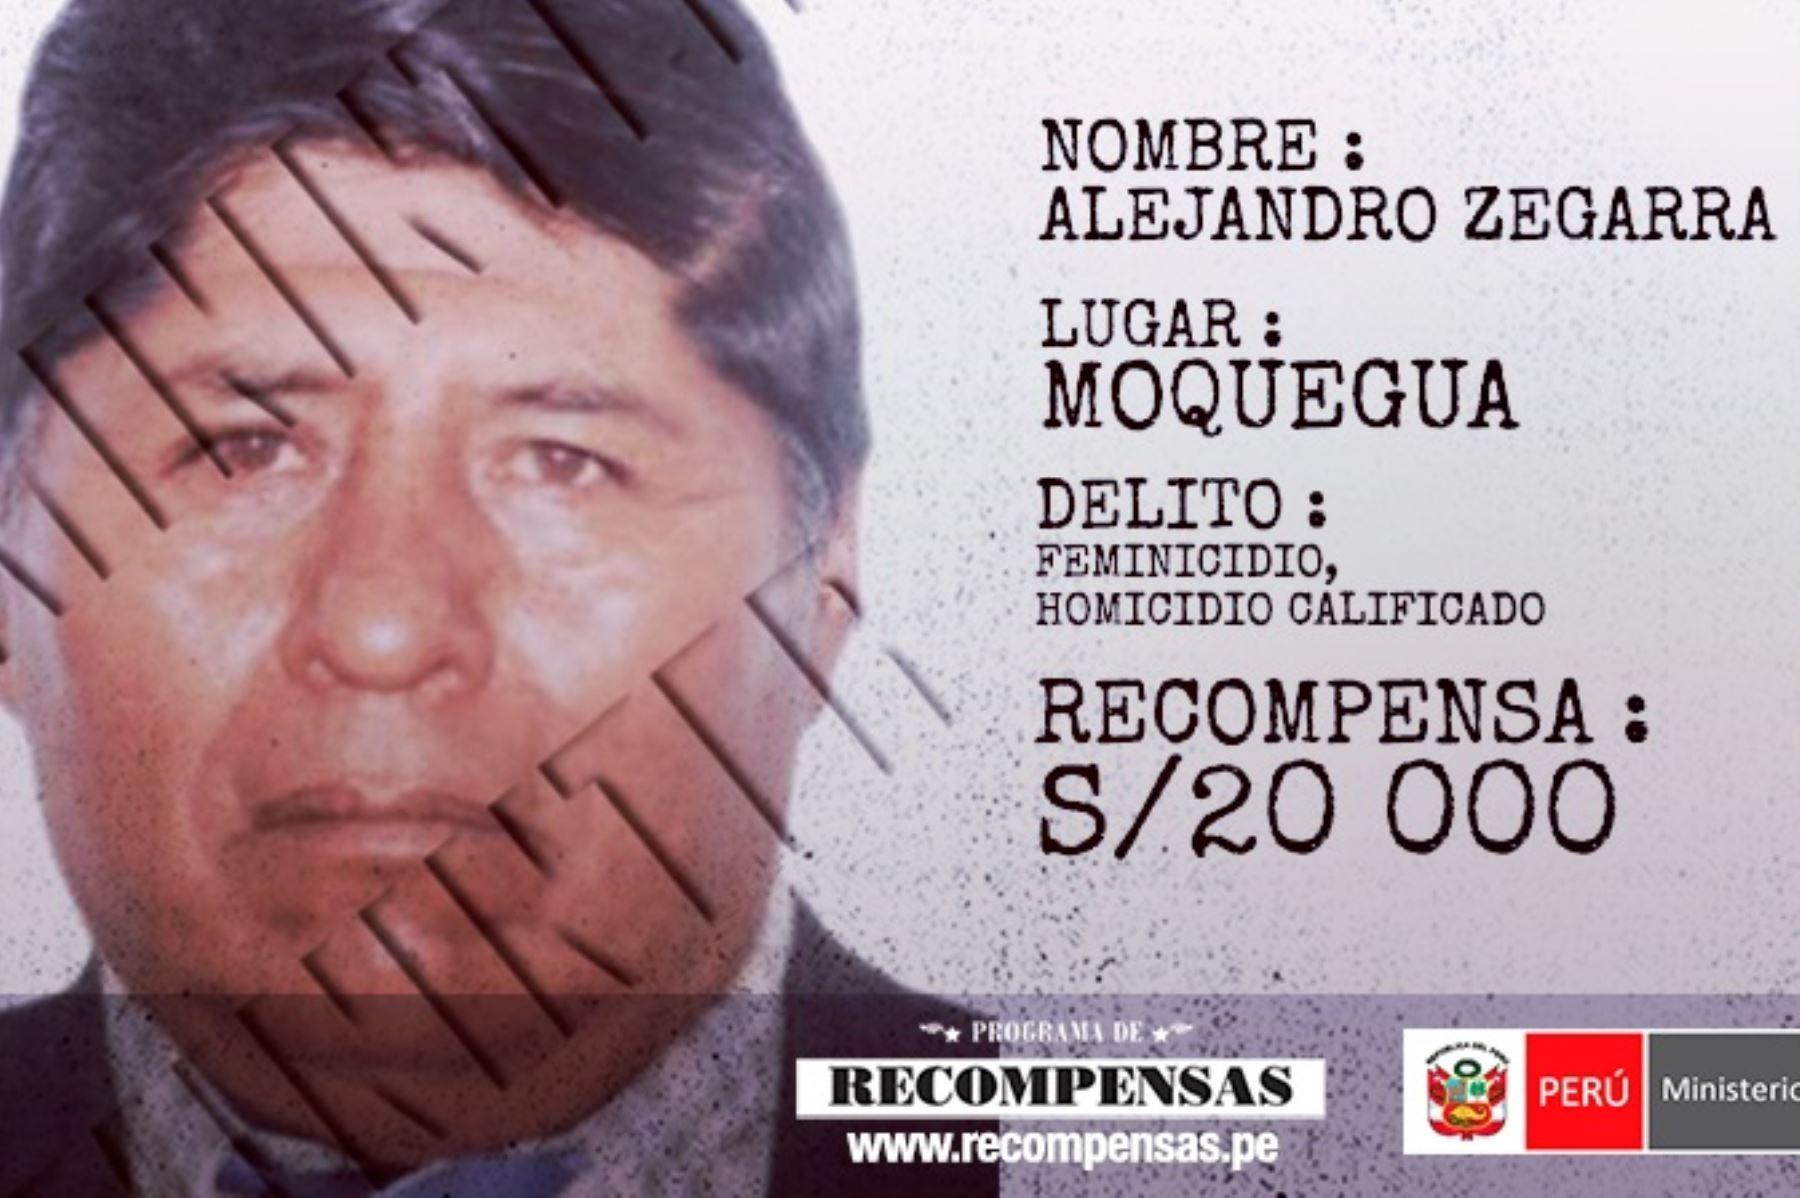 Alejandro Zegarra Candia, buscado por los ilícitos de homicidio calificado y feminicidio.